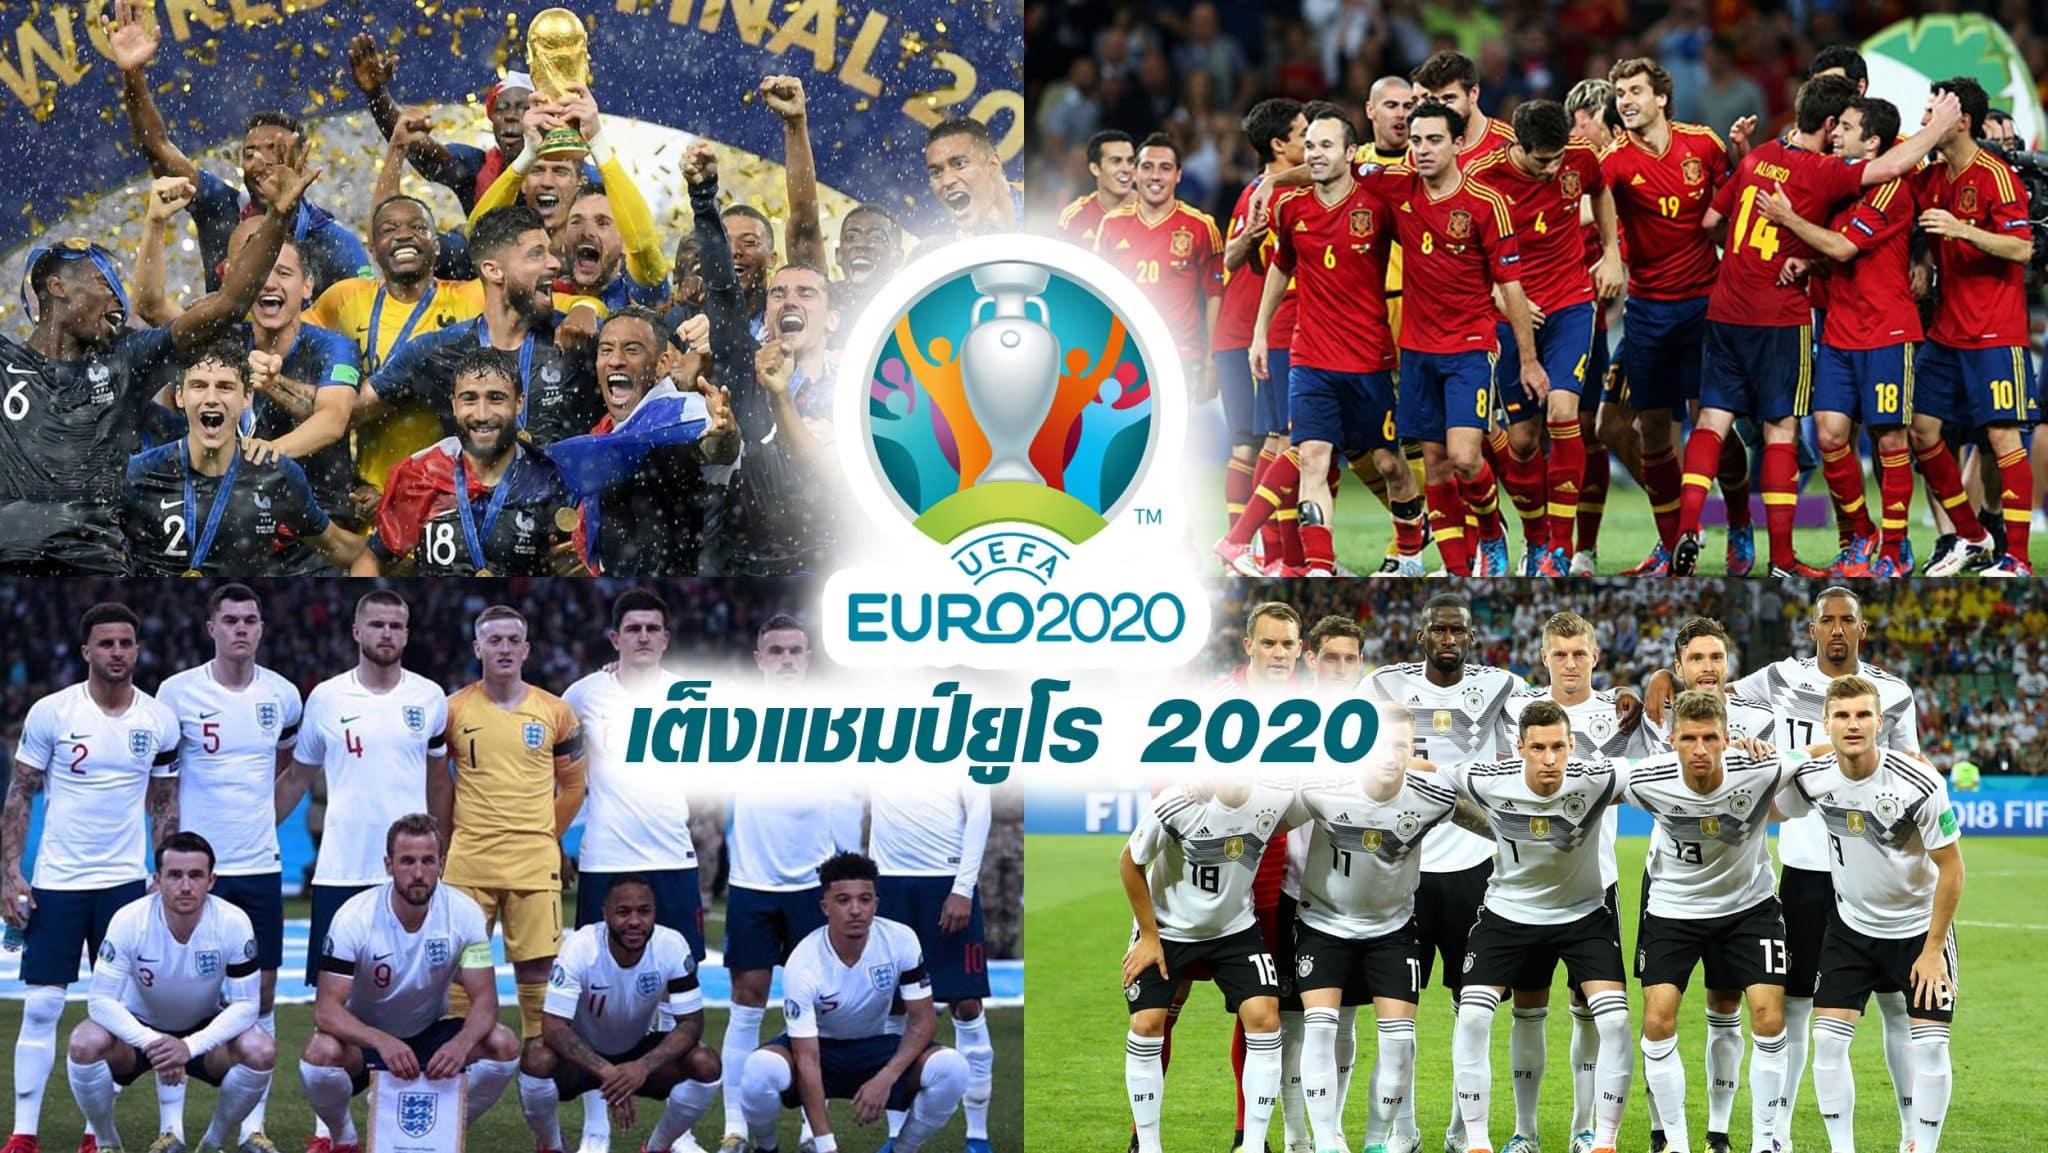 ยูโร 2020 ทีมเต็งแชมป์